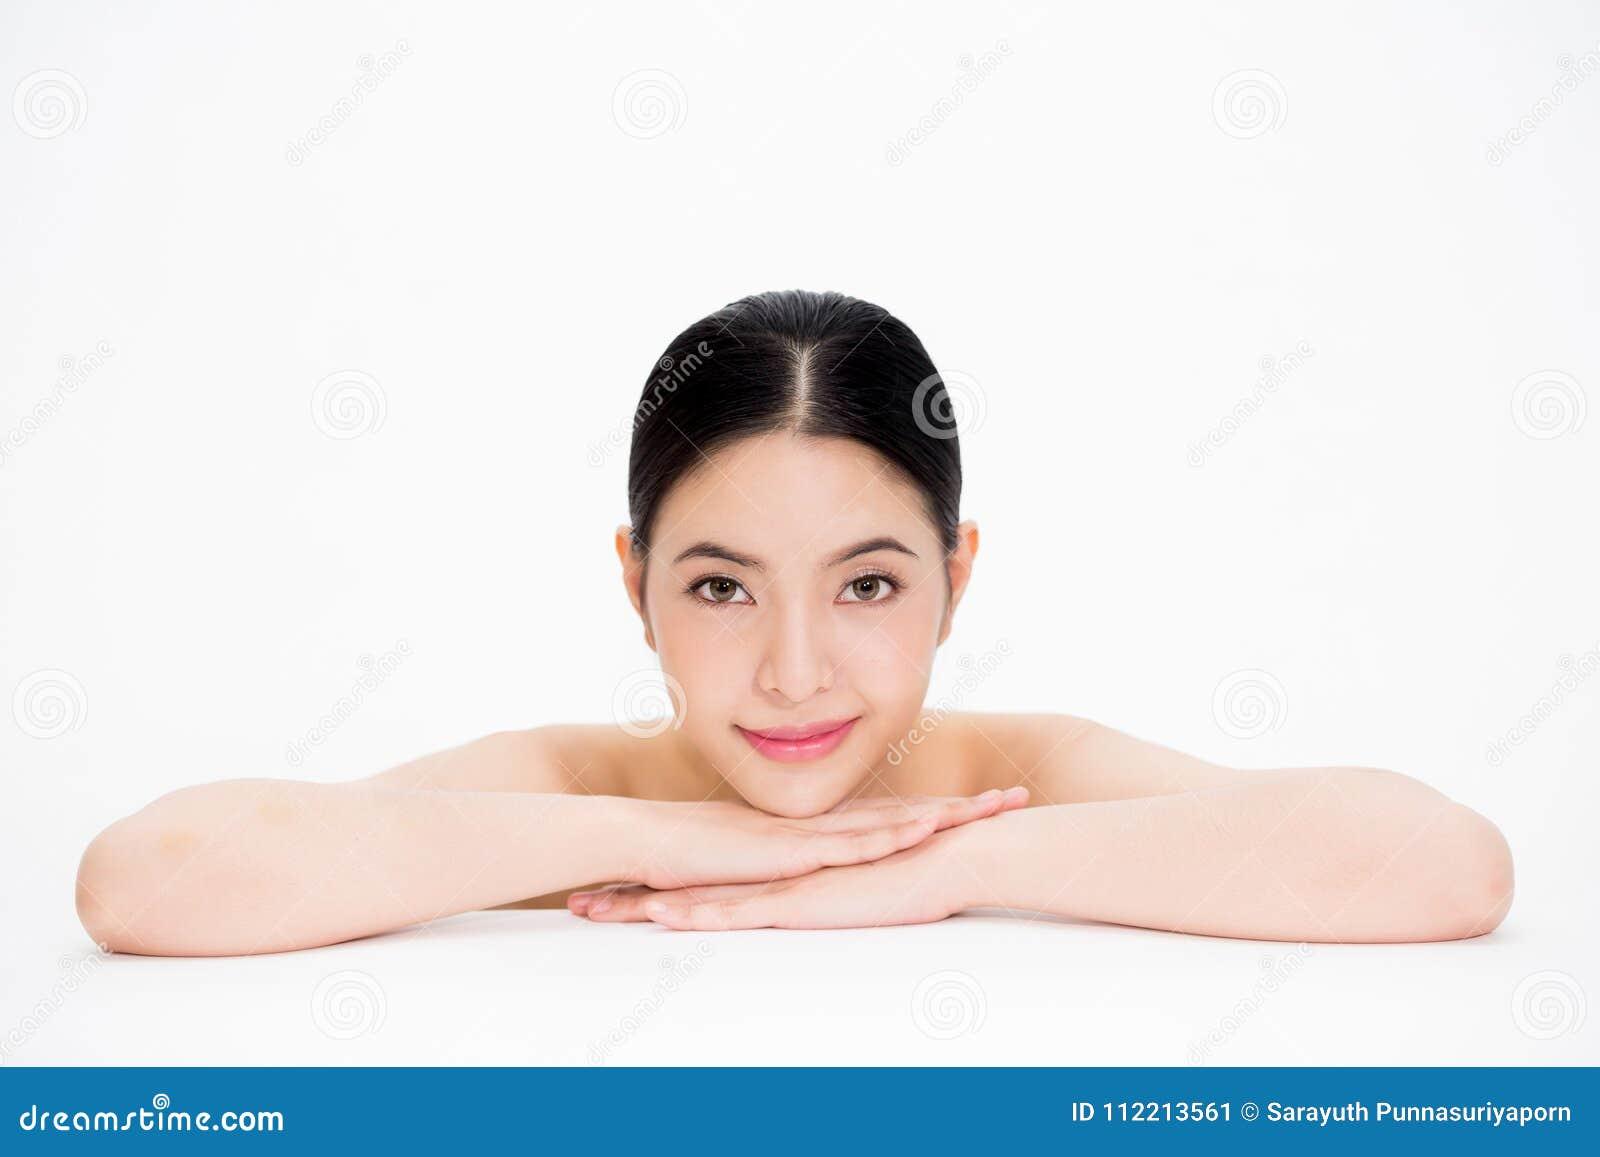 La mujer asiática hermosa joven con el skincare liso y perfecto en blanco aisló el fondo